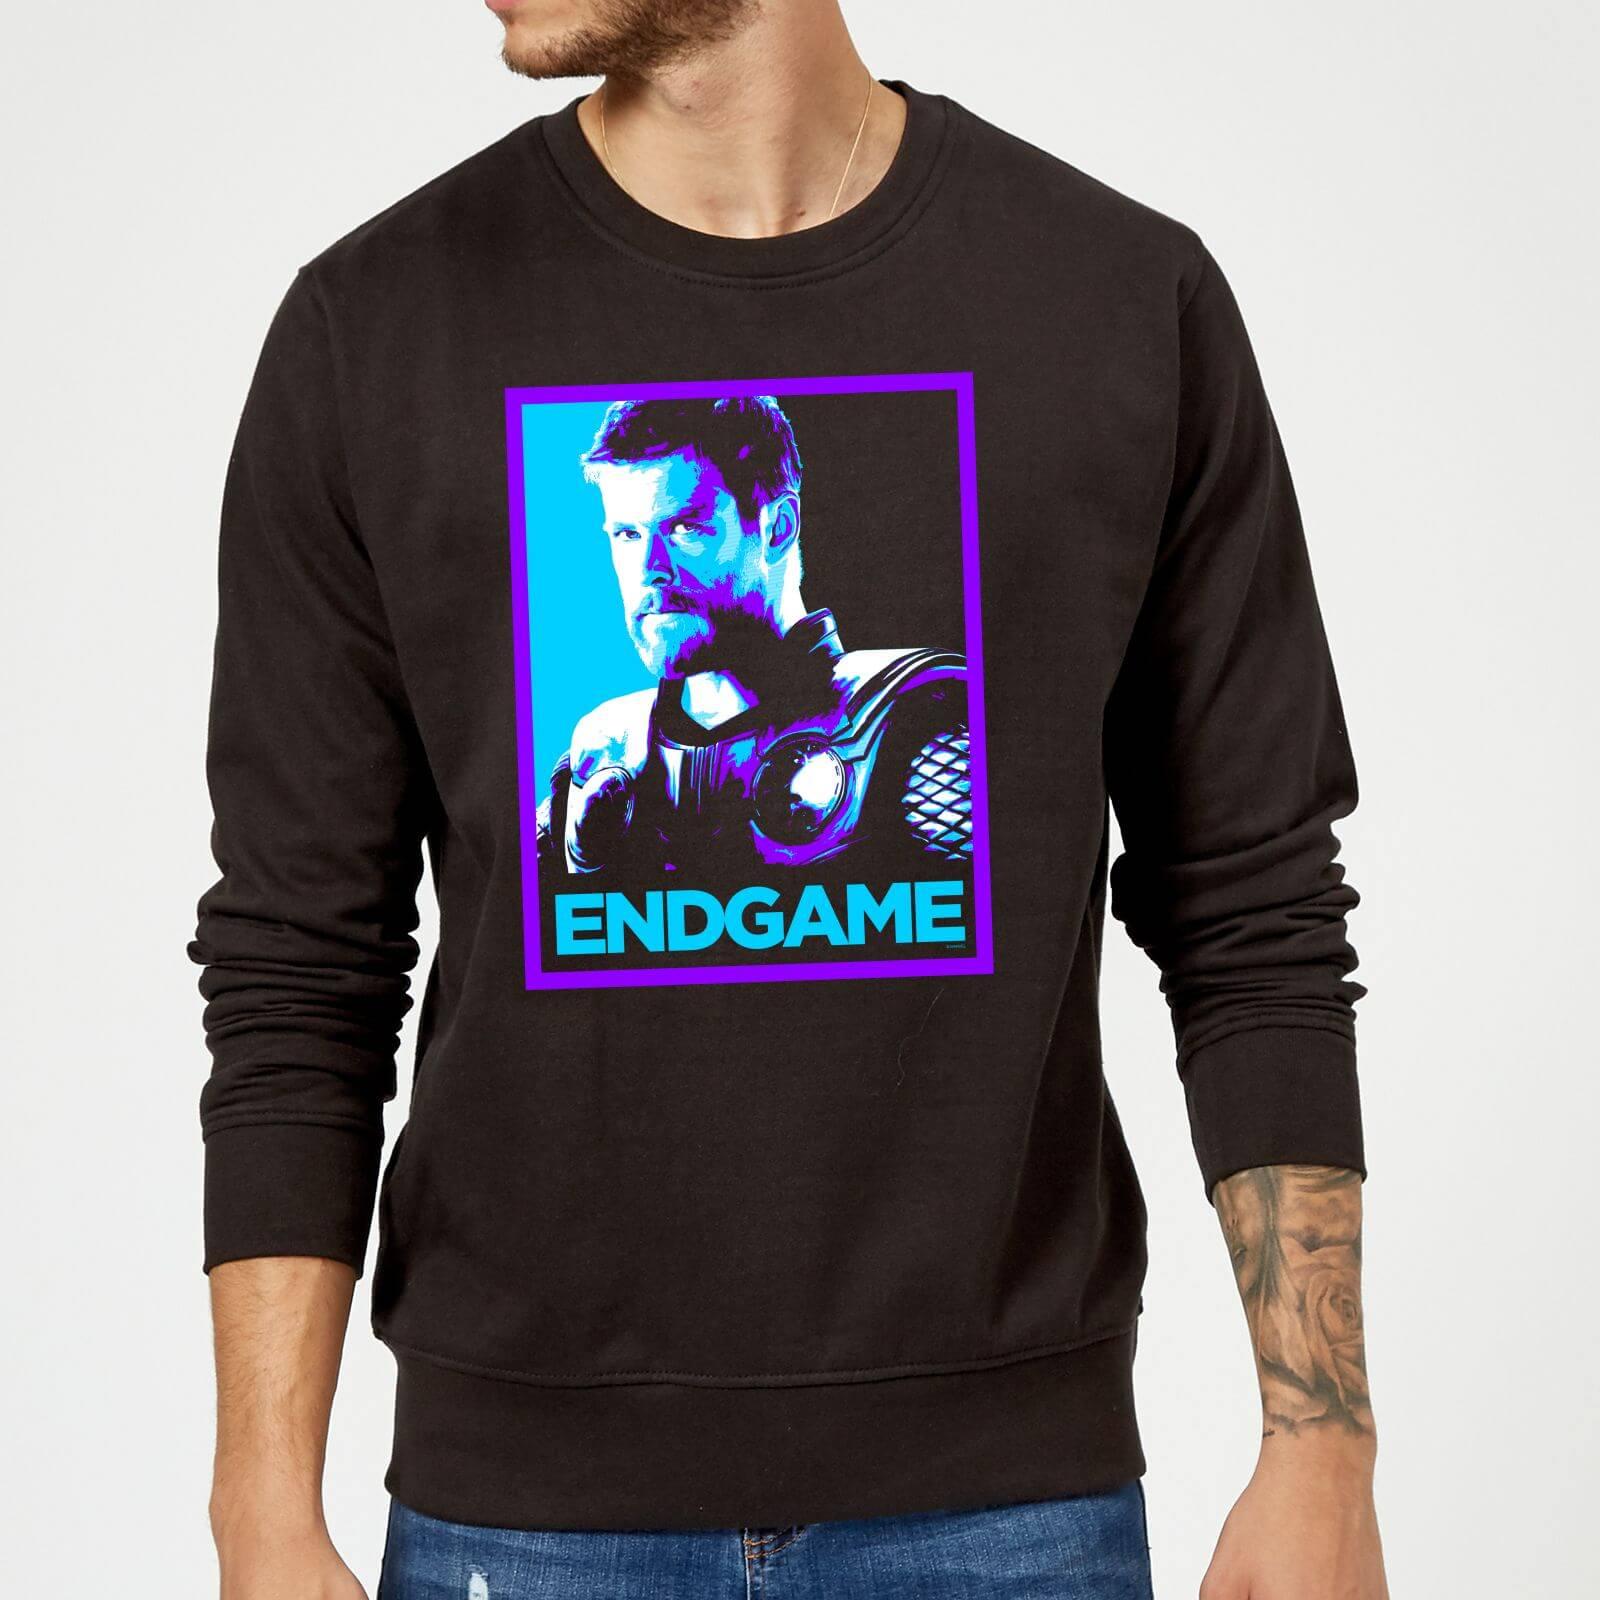 Marvel Avengers Endgame Thor Poster Sweatshirt - Black - XXL - Black